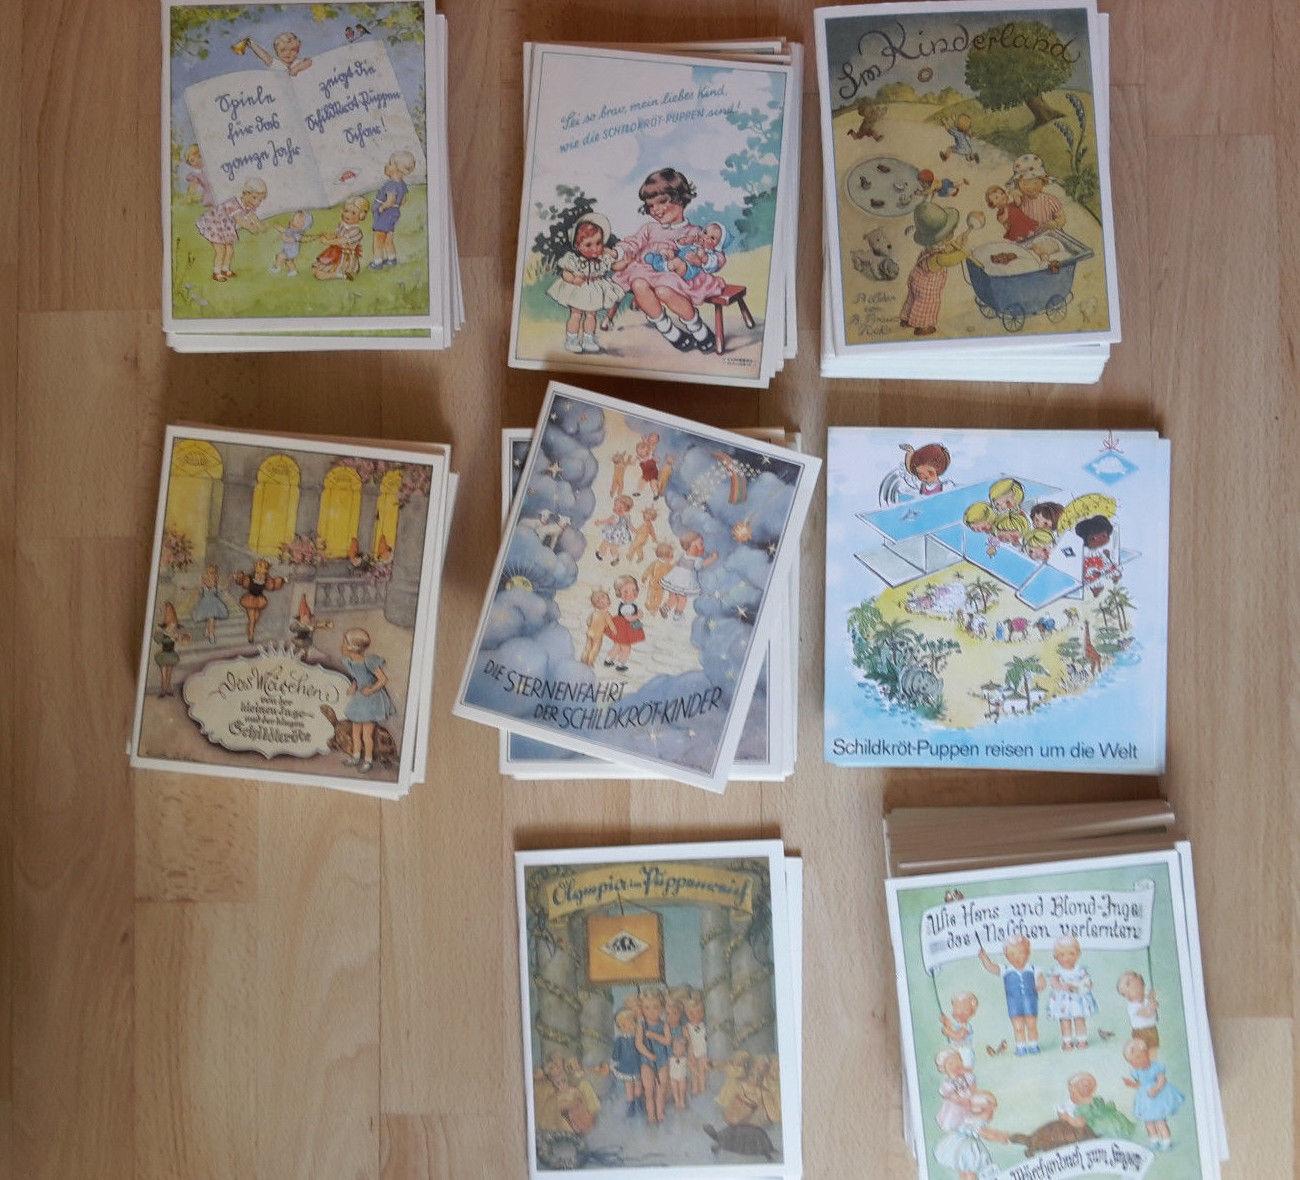 Restposten alle 8 x Kinderbücher Schildkröt buch Sammlung  Dachboden fund alt